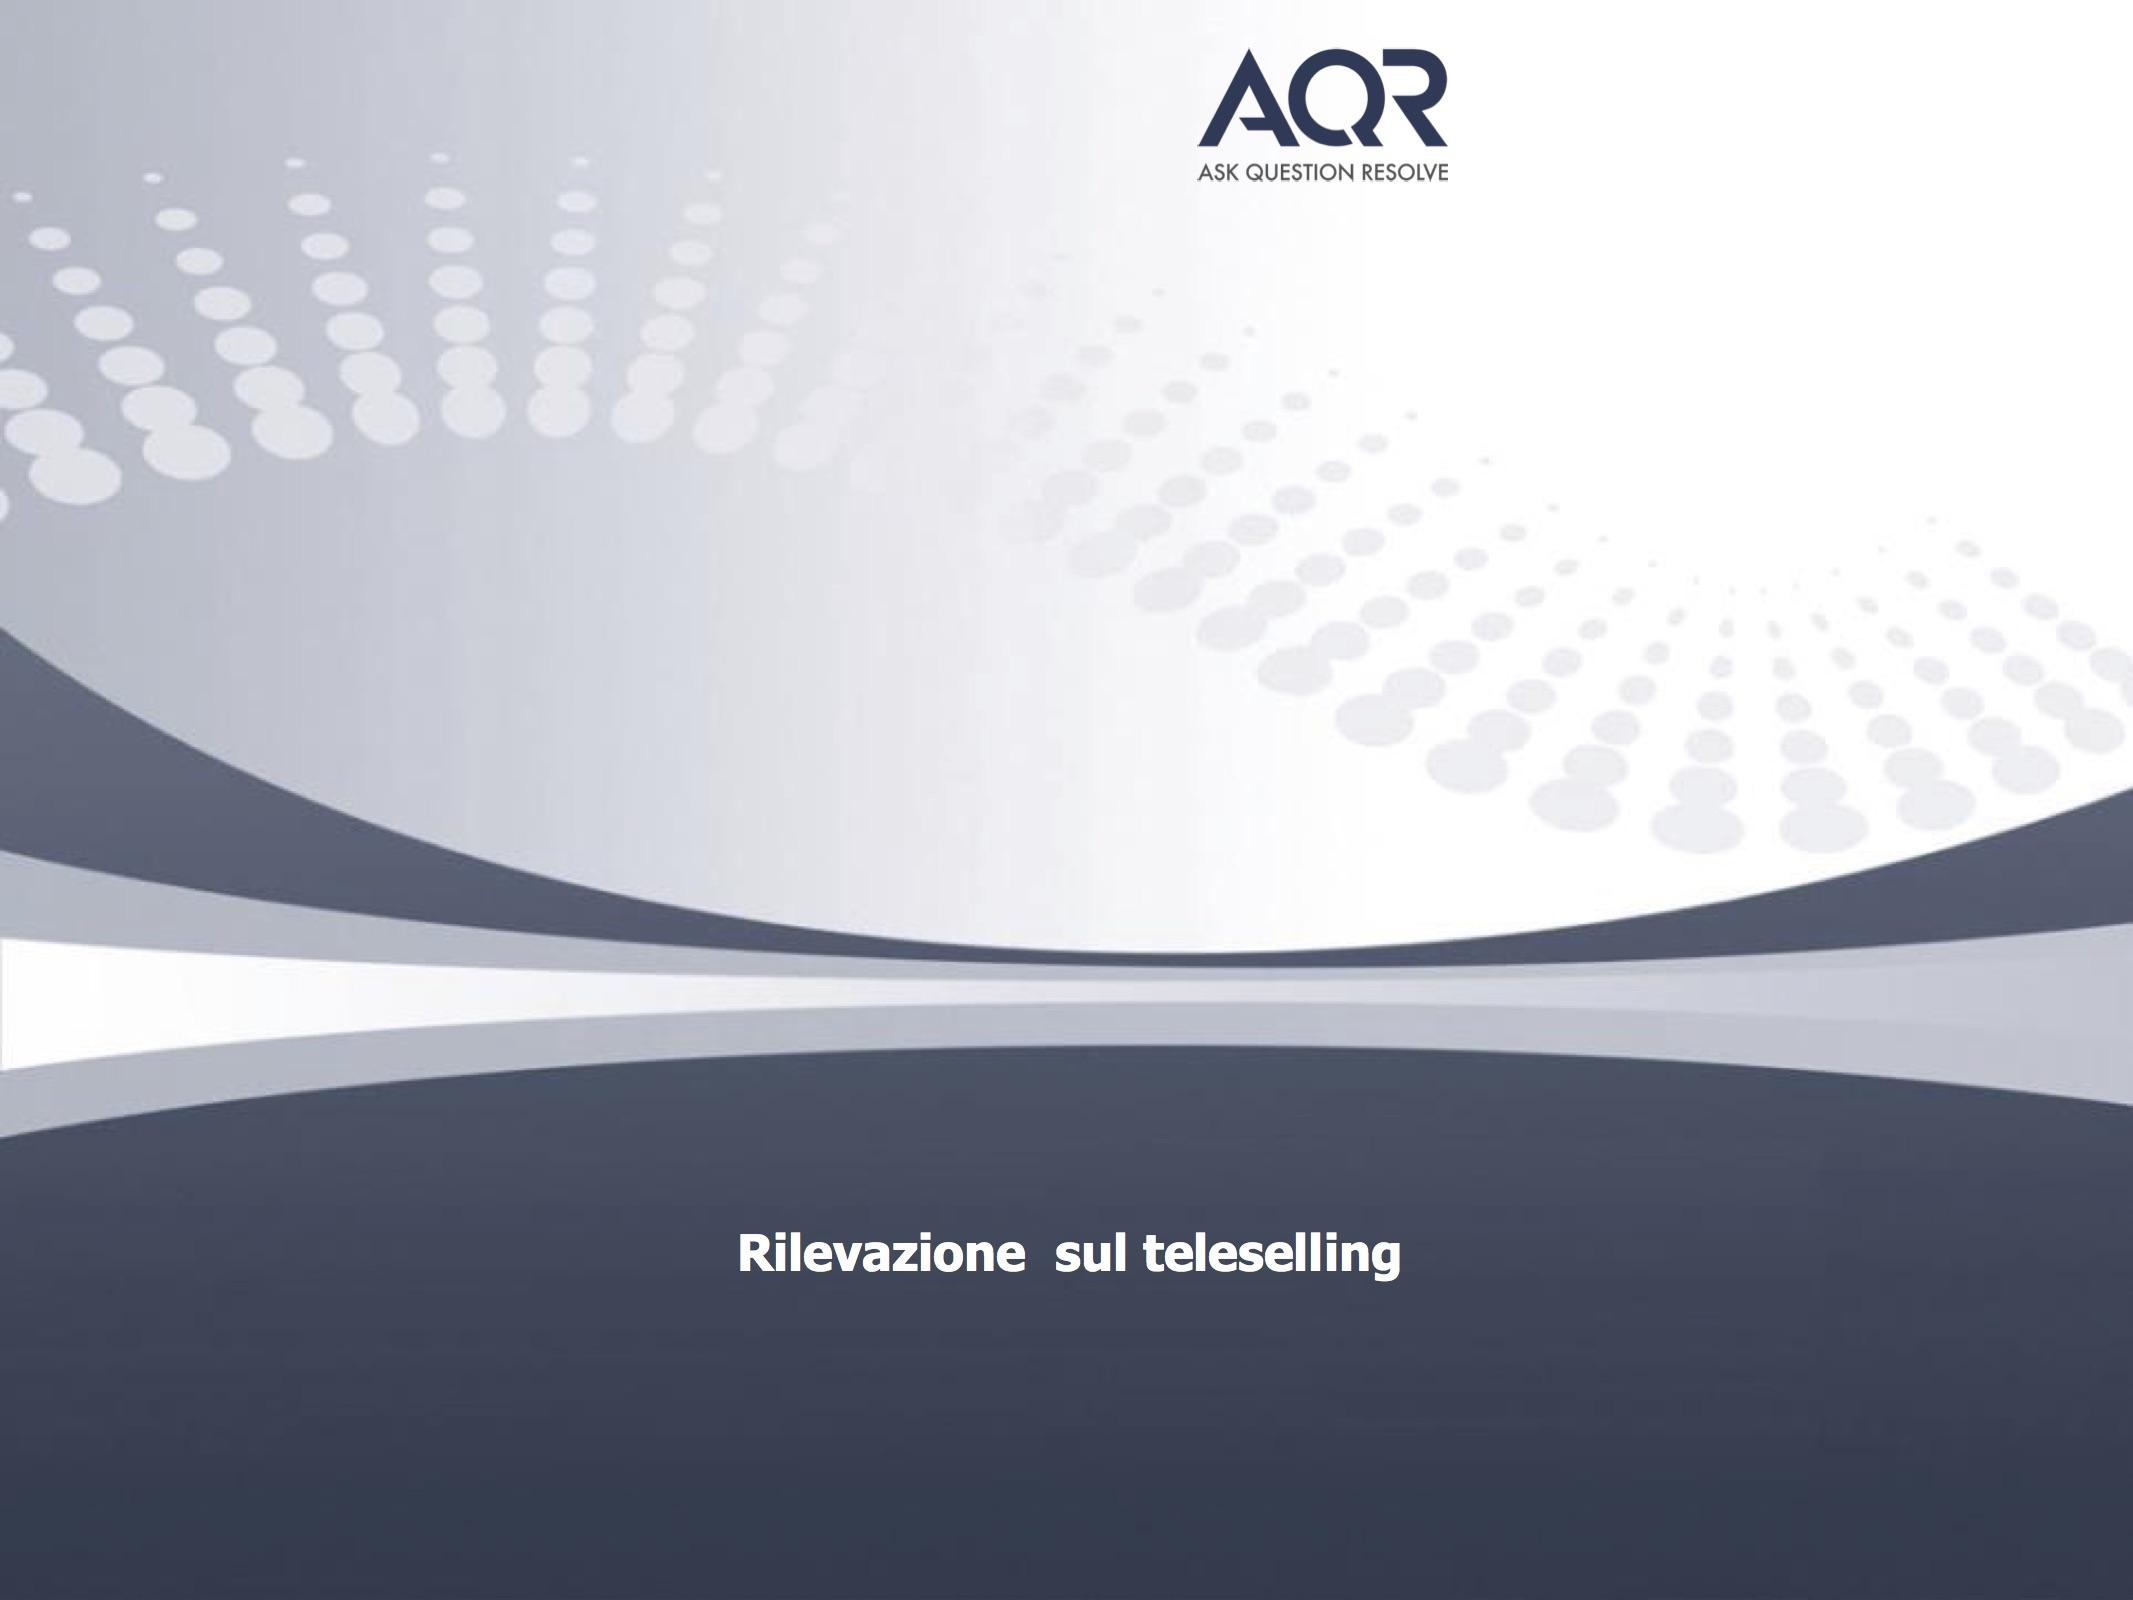 Italiani e teleselling, l'indagine del gruppo AQR